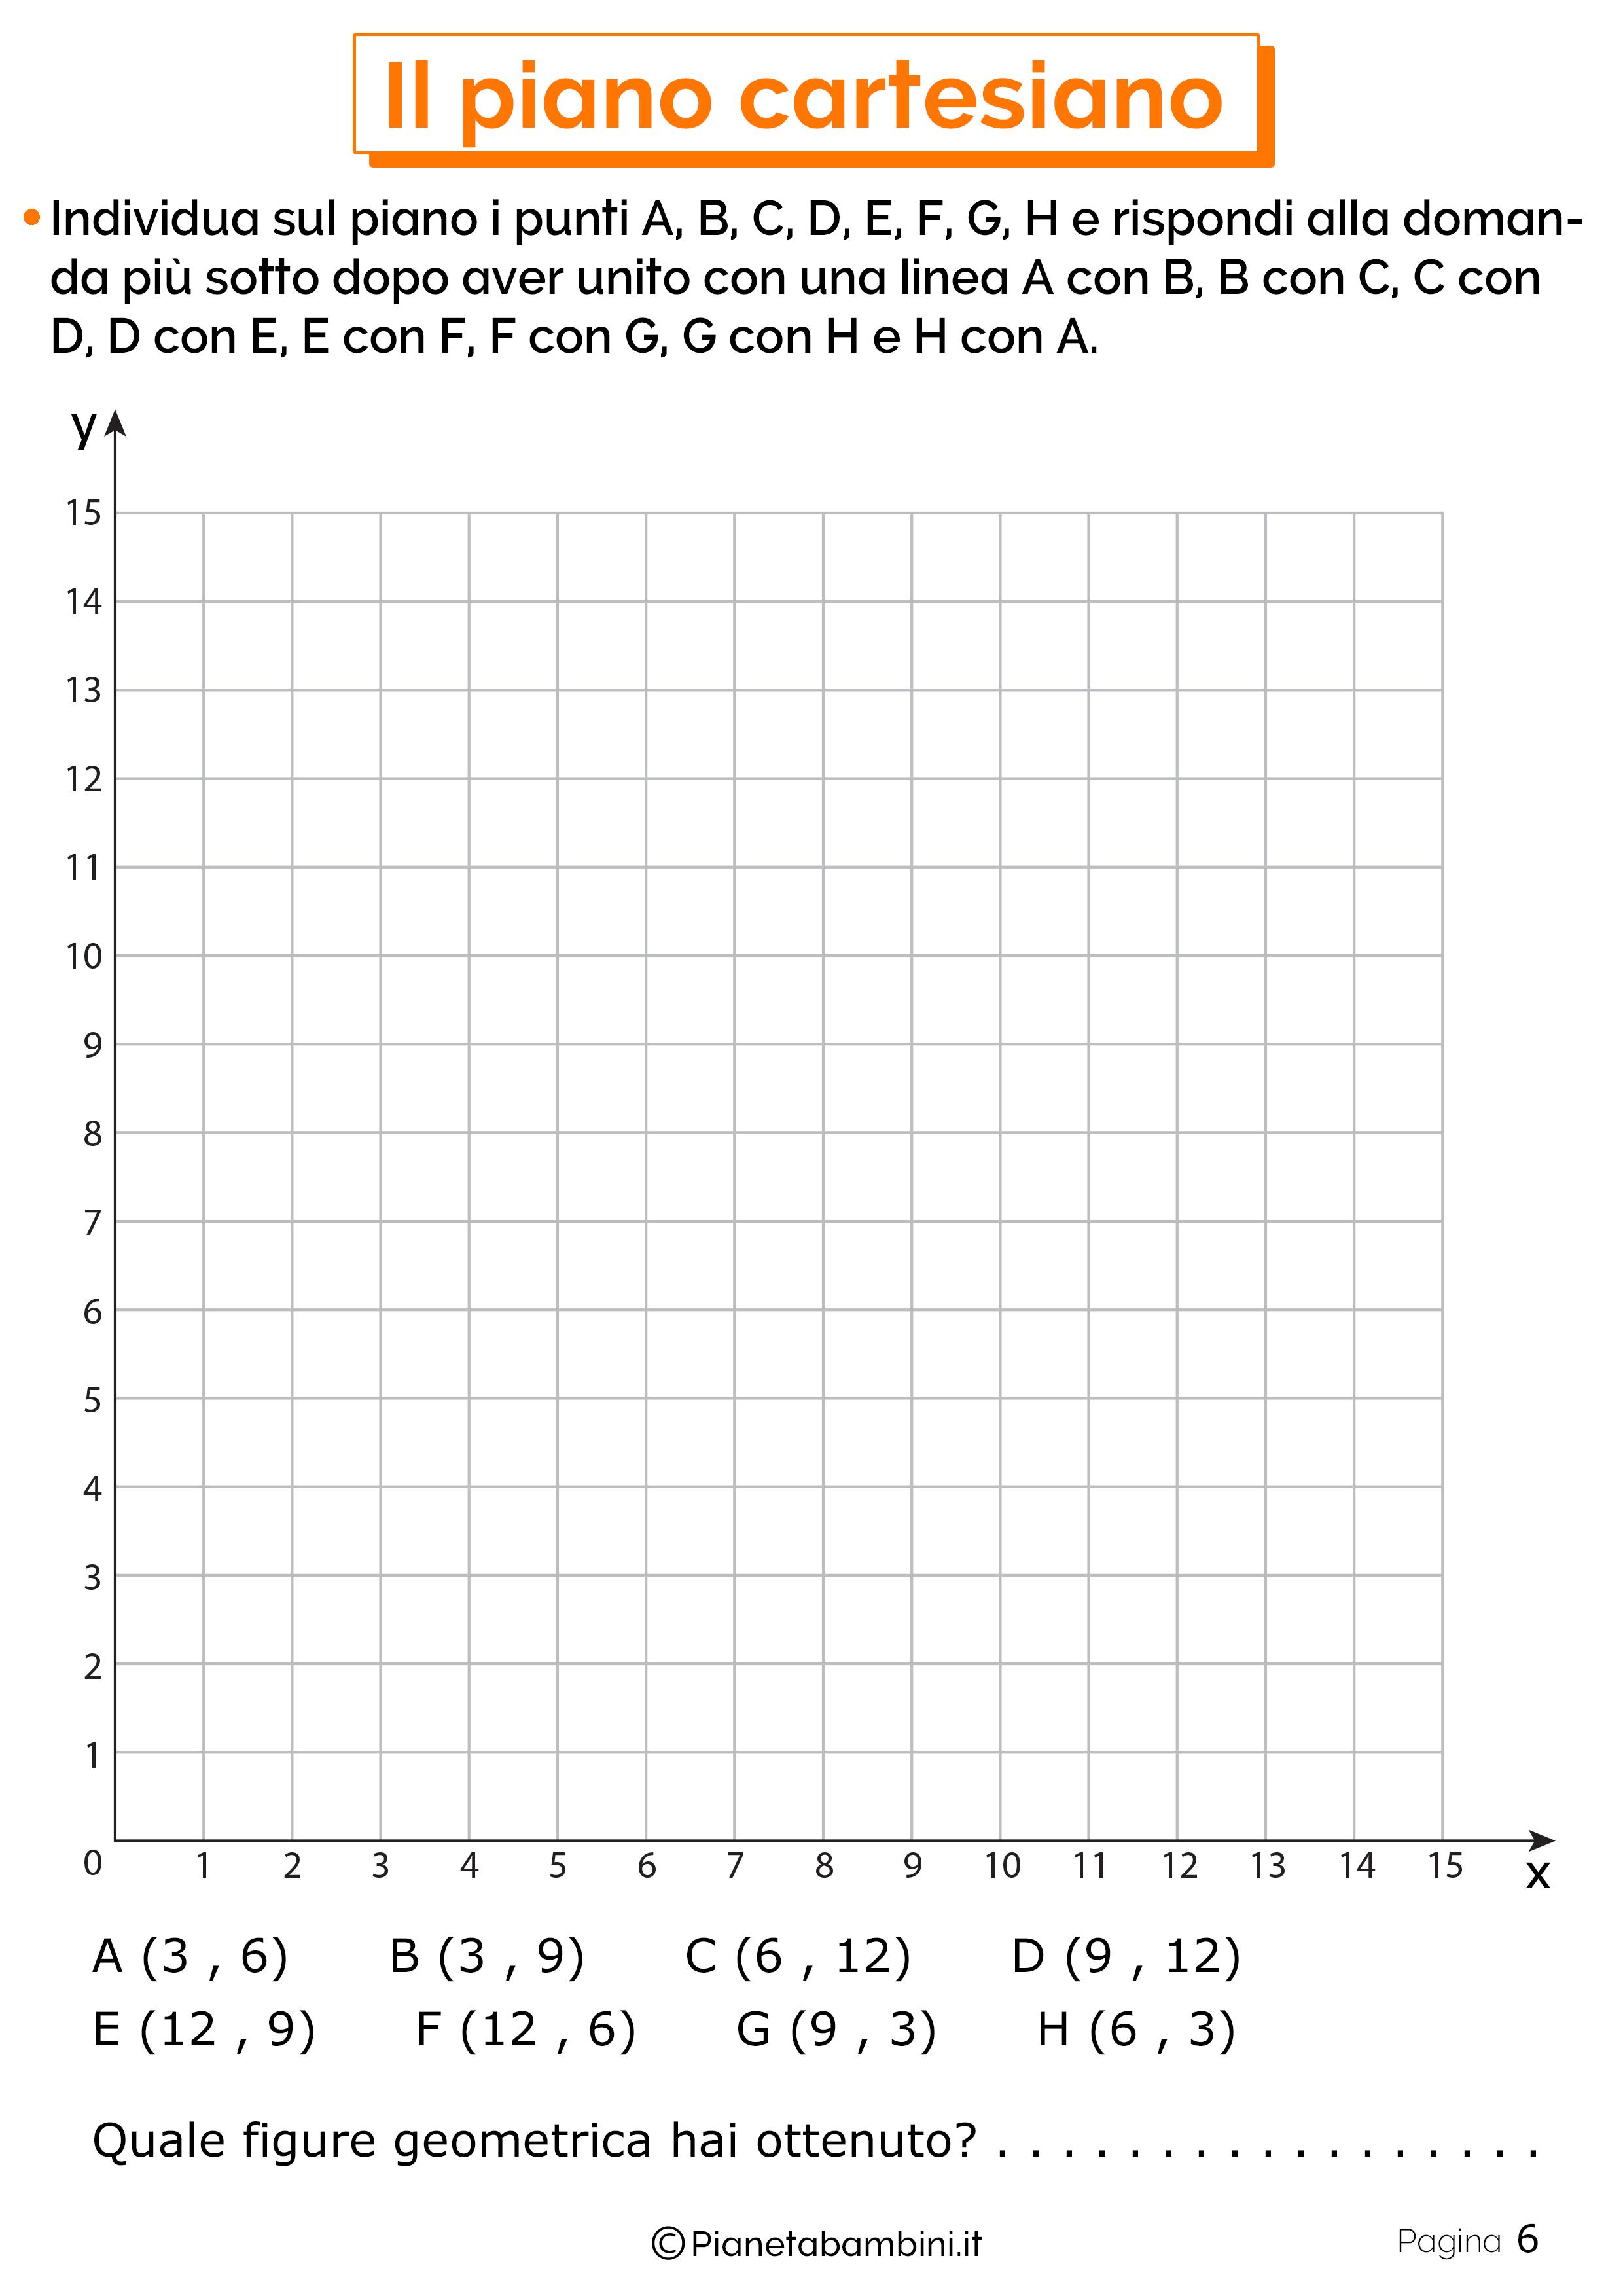 Schede didattiche sul piano cartesiano 6